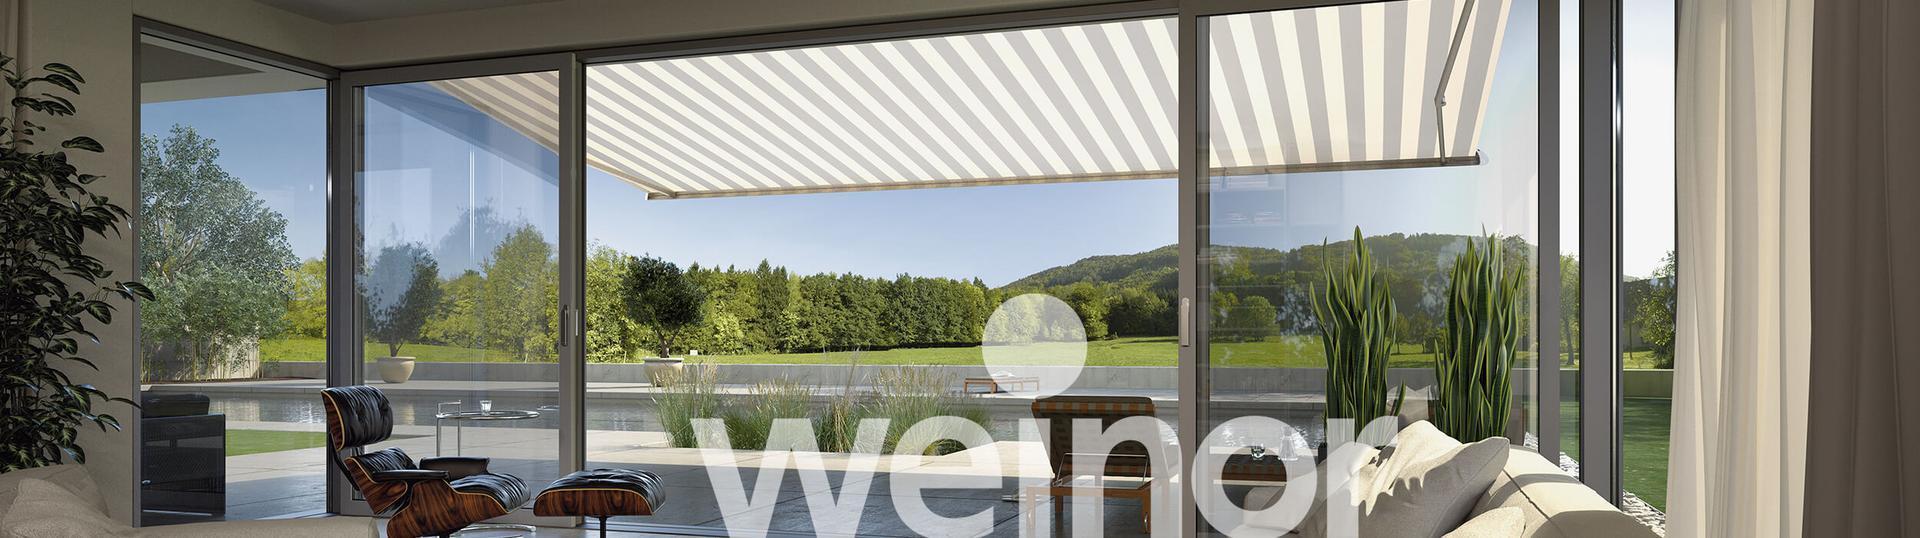 Wohnzimmerz Seitenschutz Balkon With Weinor Markisen Terrassendƒ